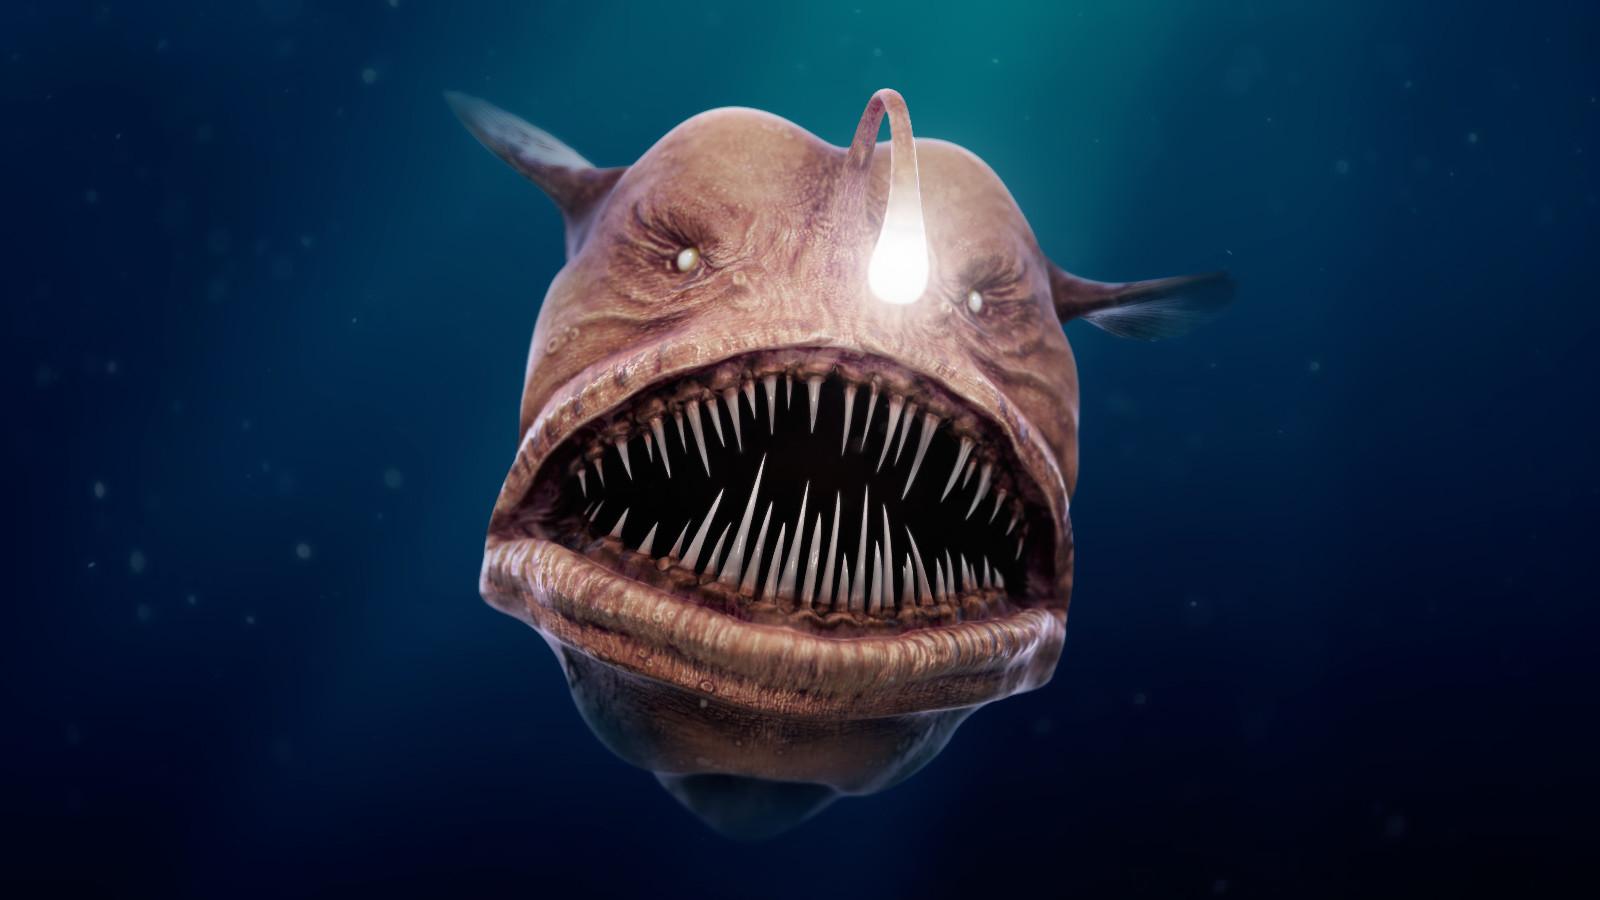 artstation big bad angler fish thomas veyrat